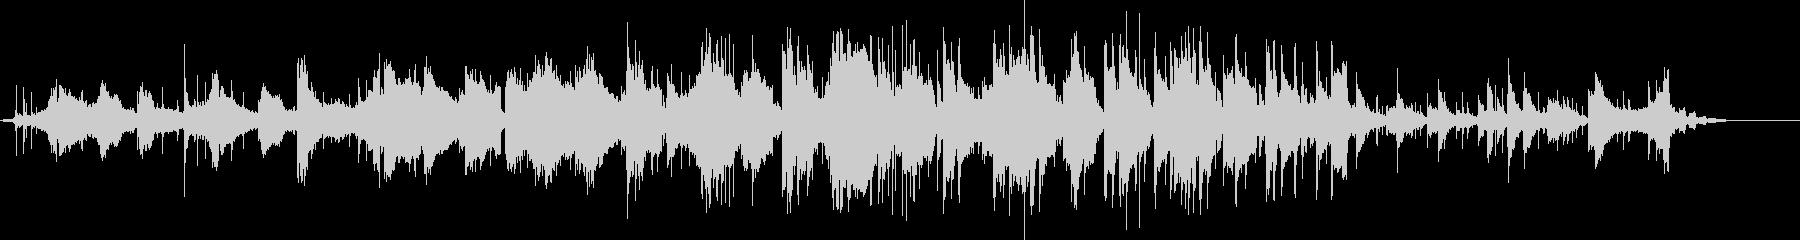 方位磁針の未再生の波形